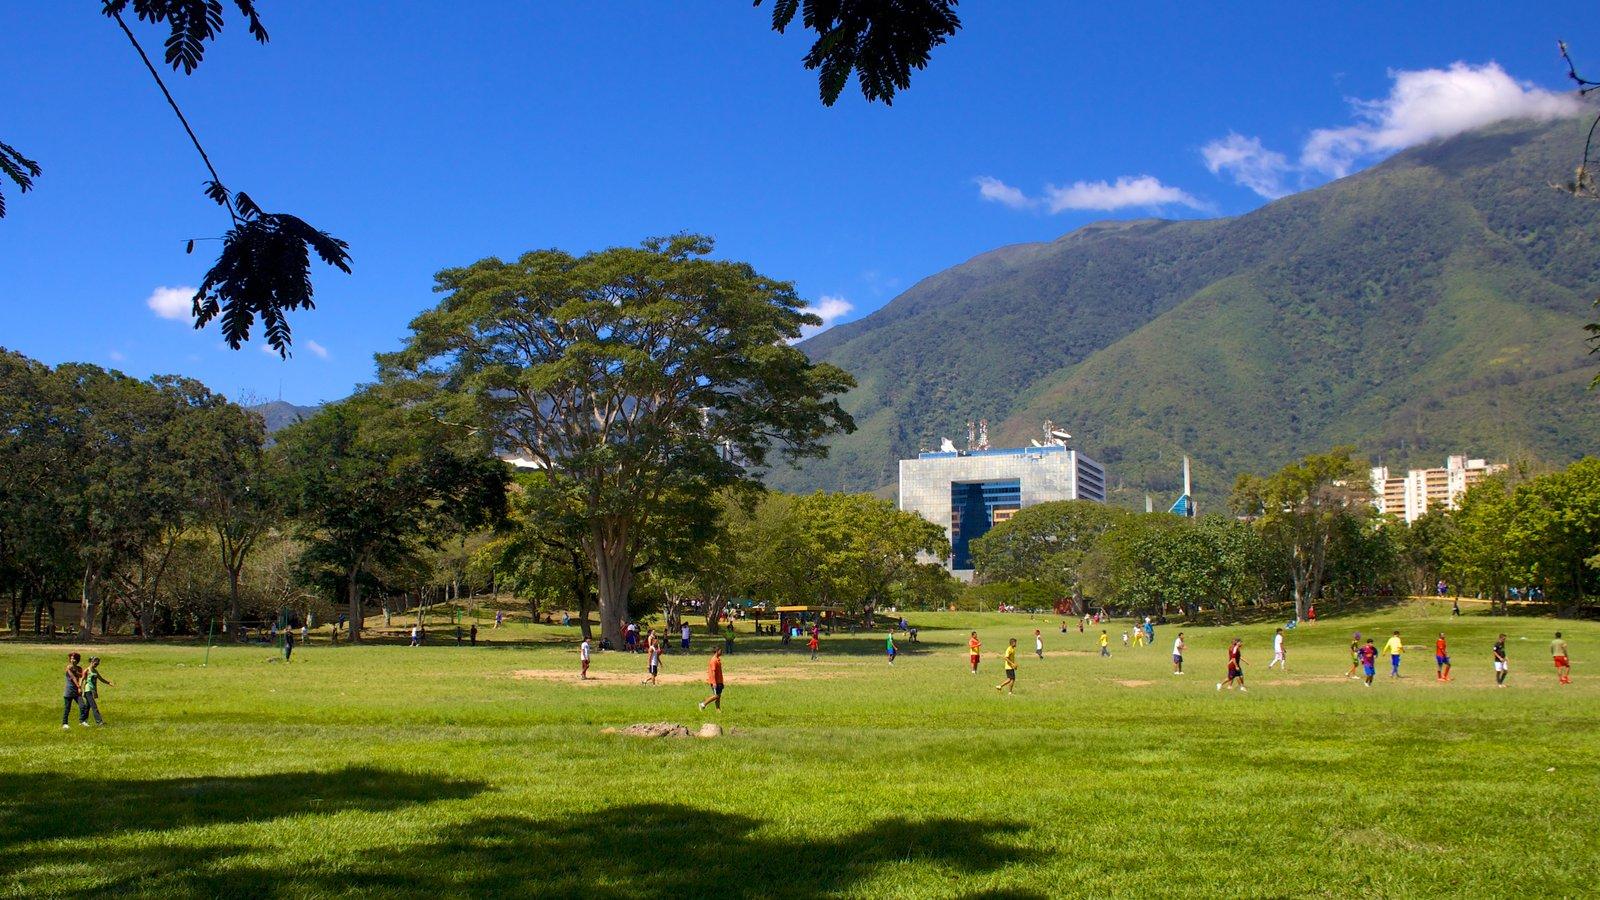 Parque do Leste caracterizando um jardim